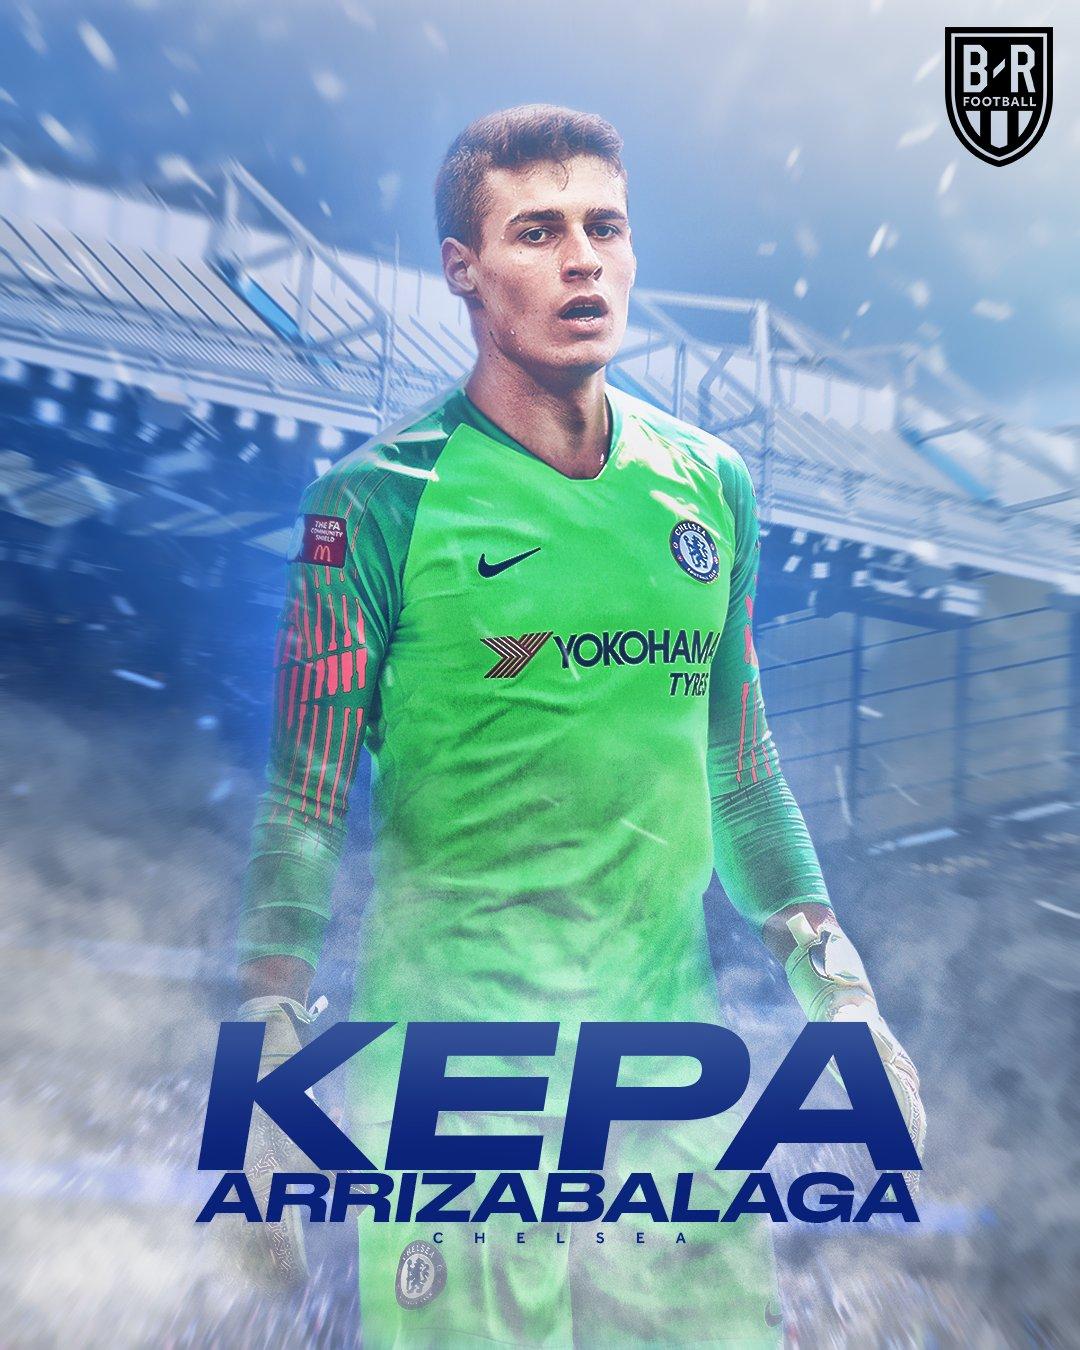 """B/R Football On Twitter: """"BREAKING: Kepa Is A Chelsea"""